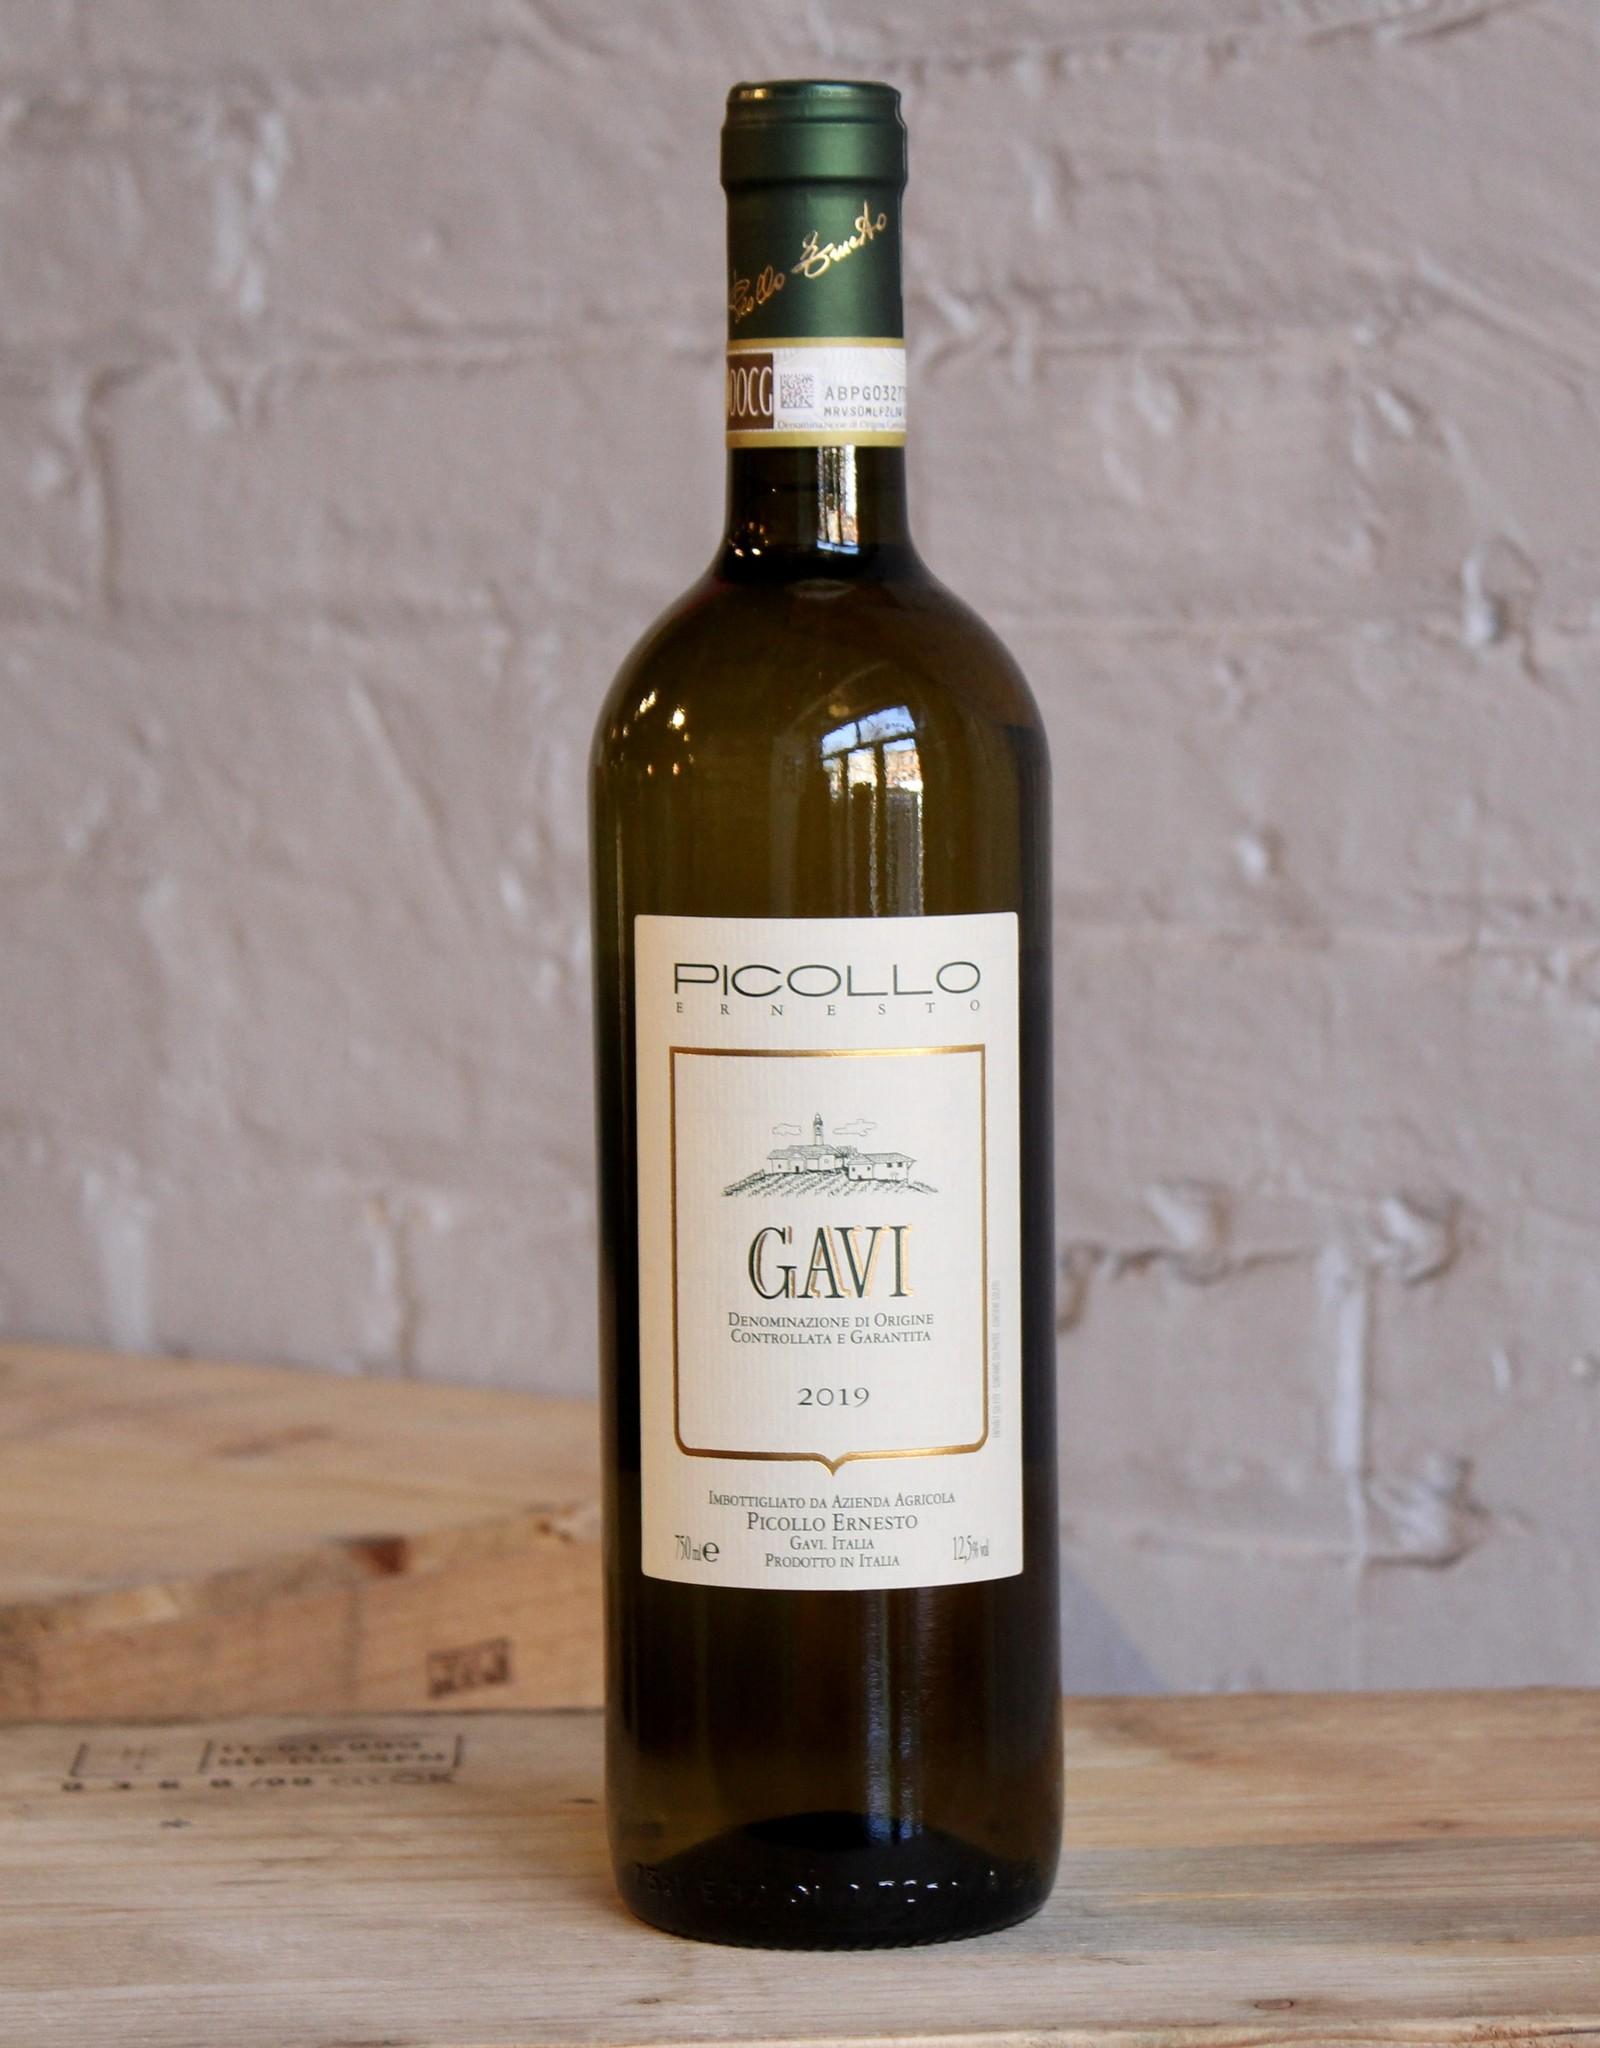 Wine 2019 Picollo Ernesto Gavi - Piedmont, Italy (750ml)